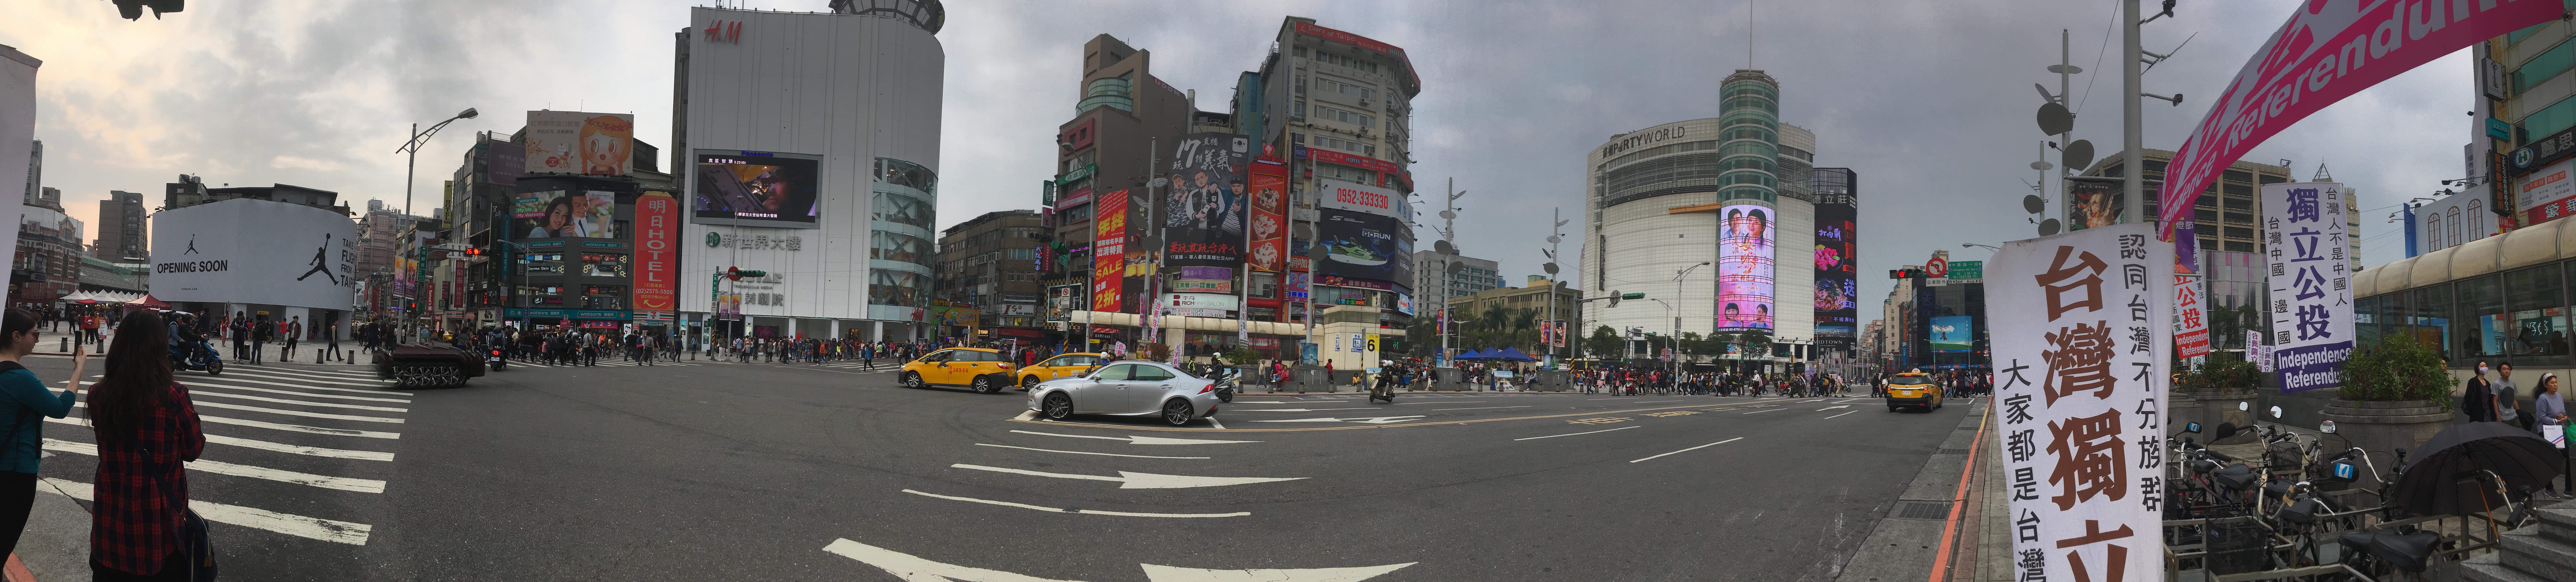 西門町-Ximending